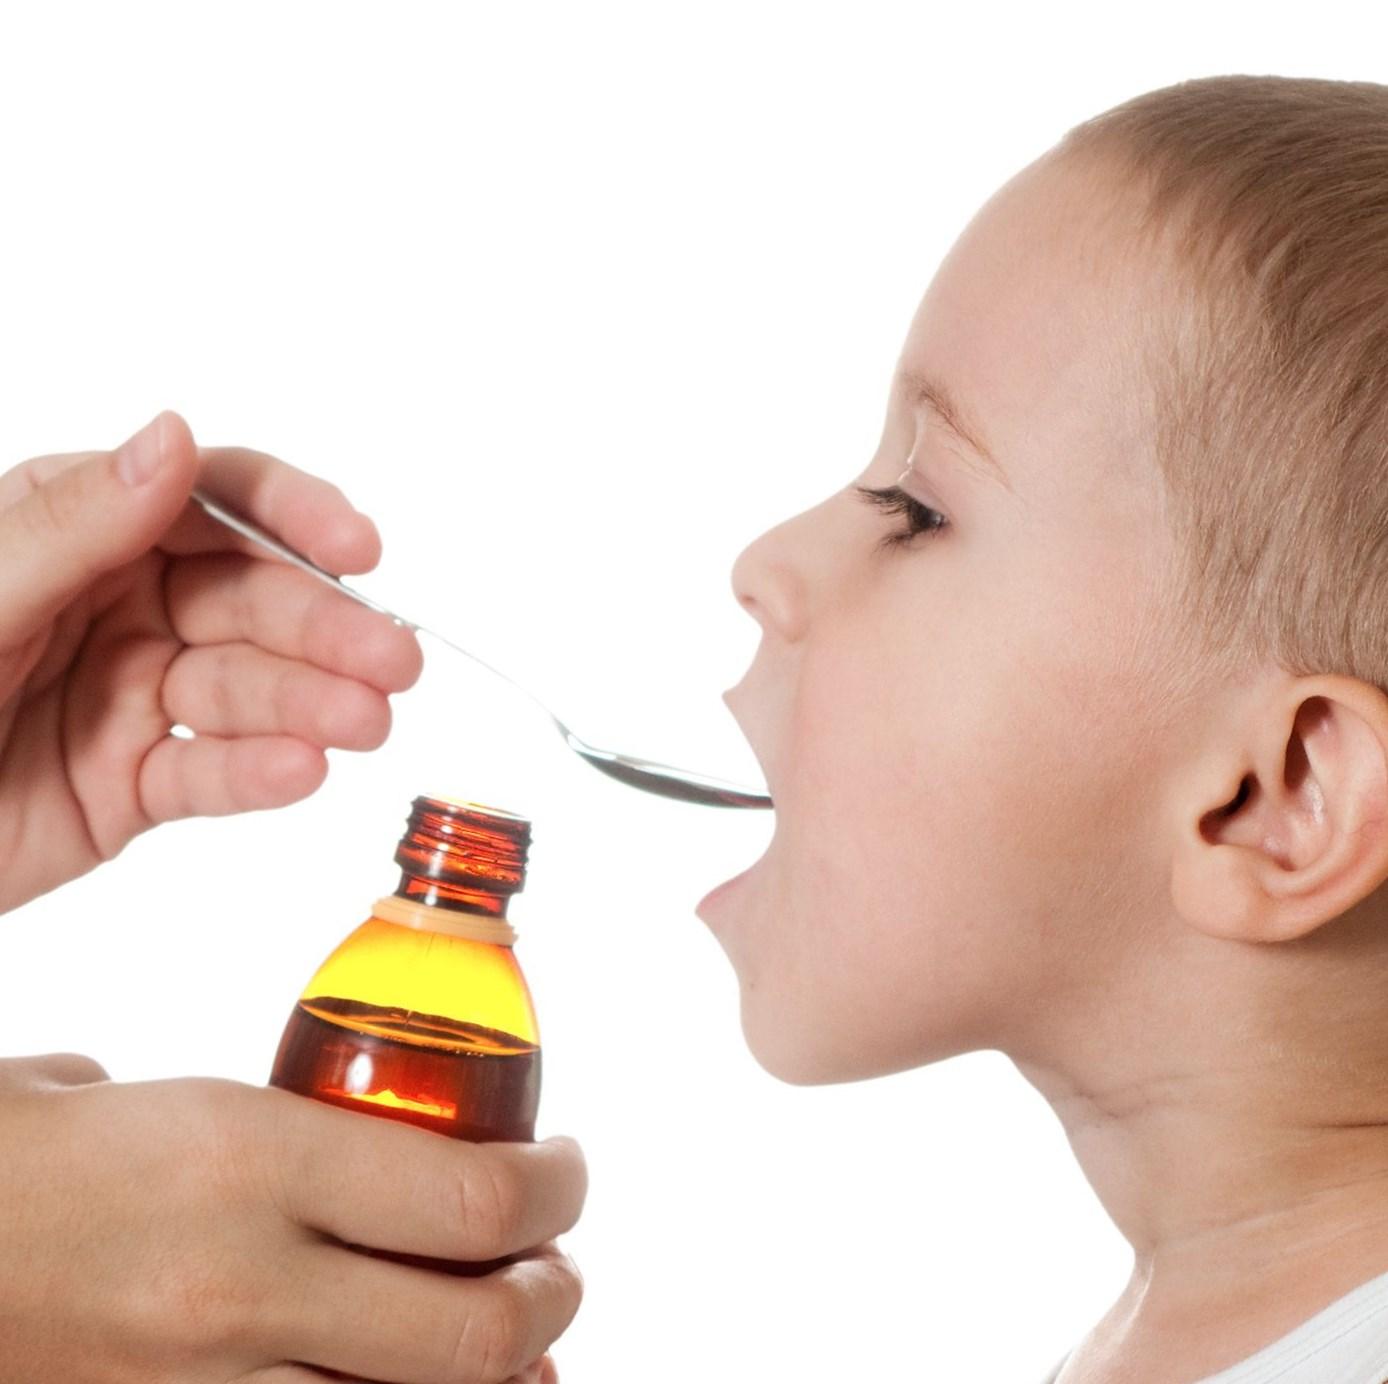 Ребенку дают сироп